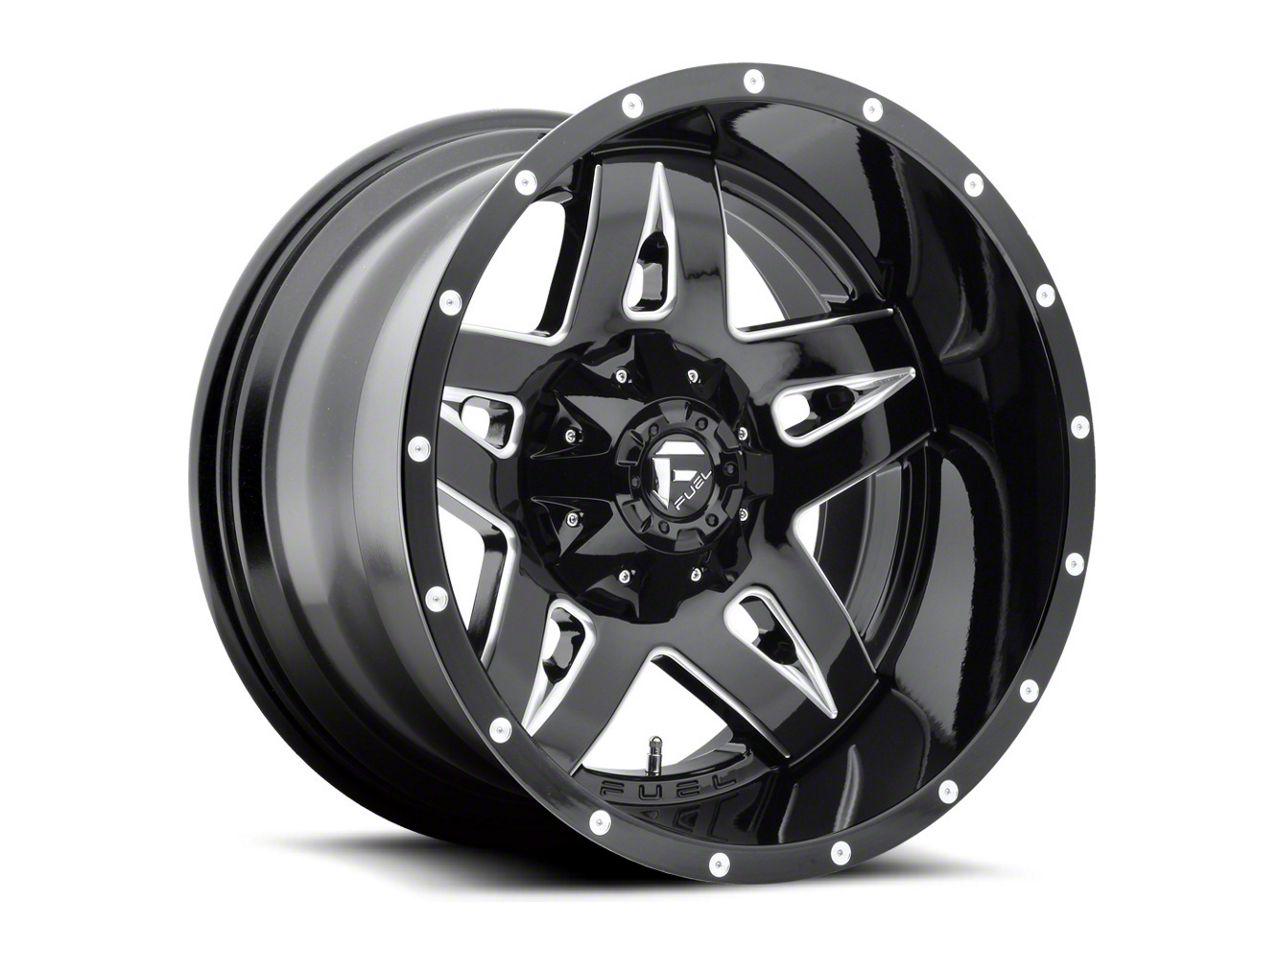 Fuel Wheels Full Blown Black Milled 6-Lug Wheel - 20x9 (99-18 Silverado 1500)